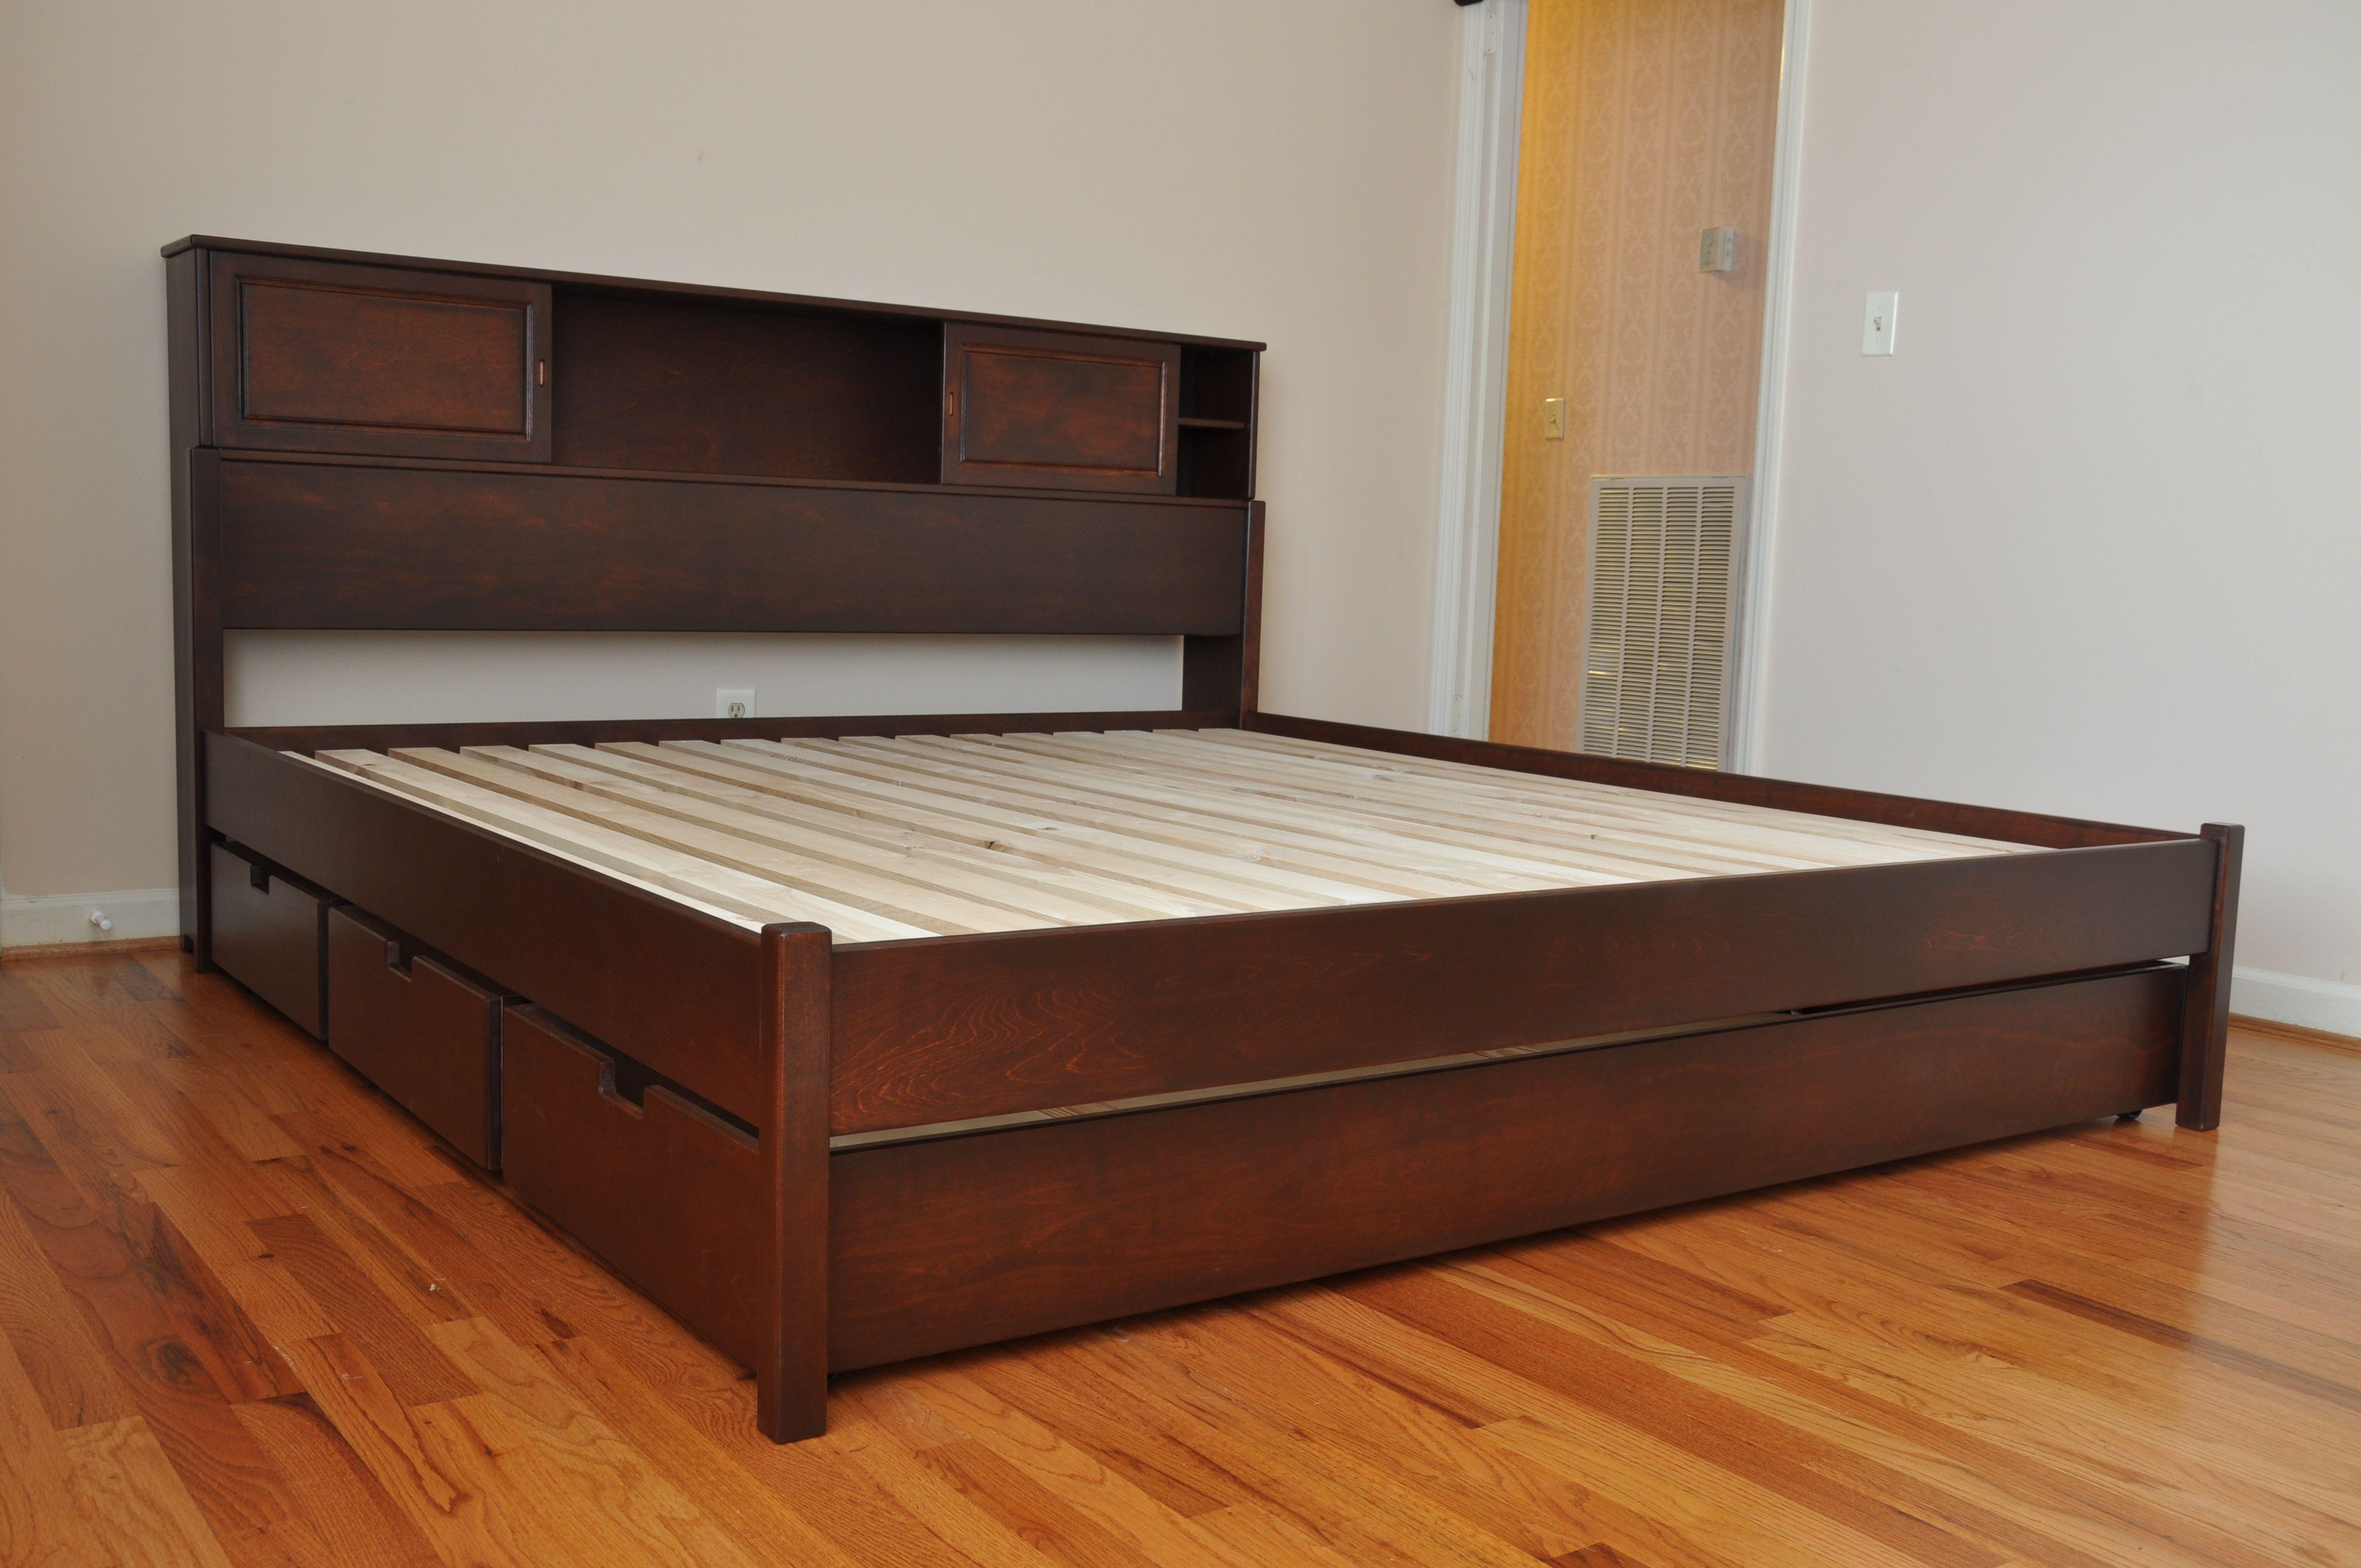 King Platform Bed Frame With Drawers Plans In 2020 Platform Bed